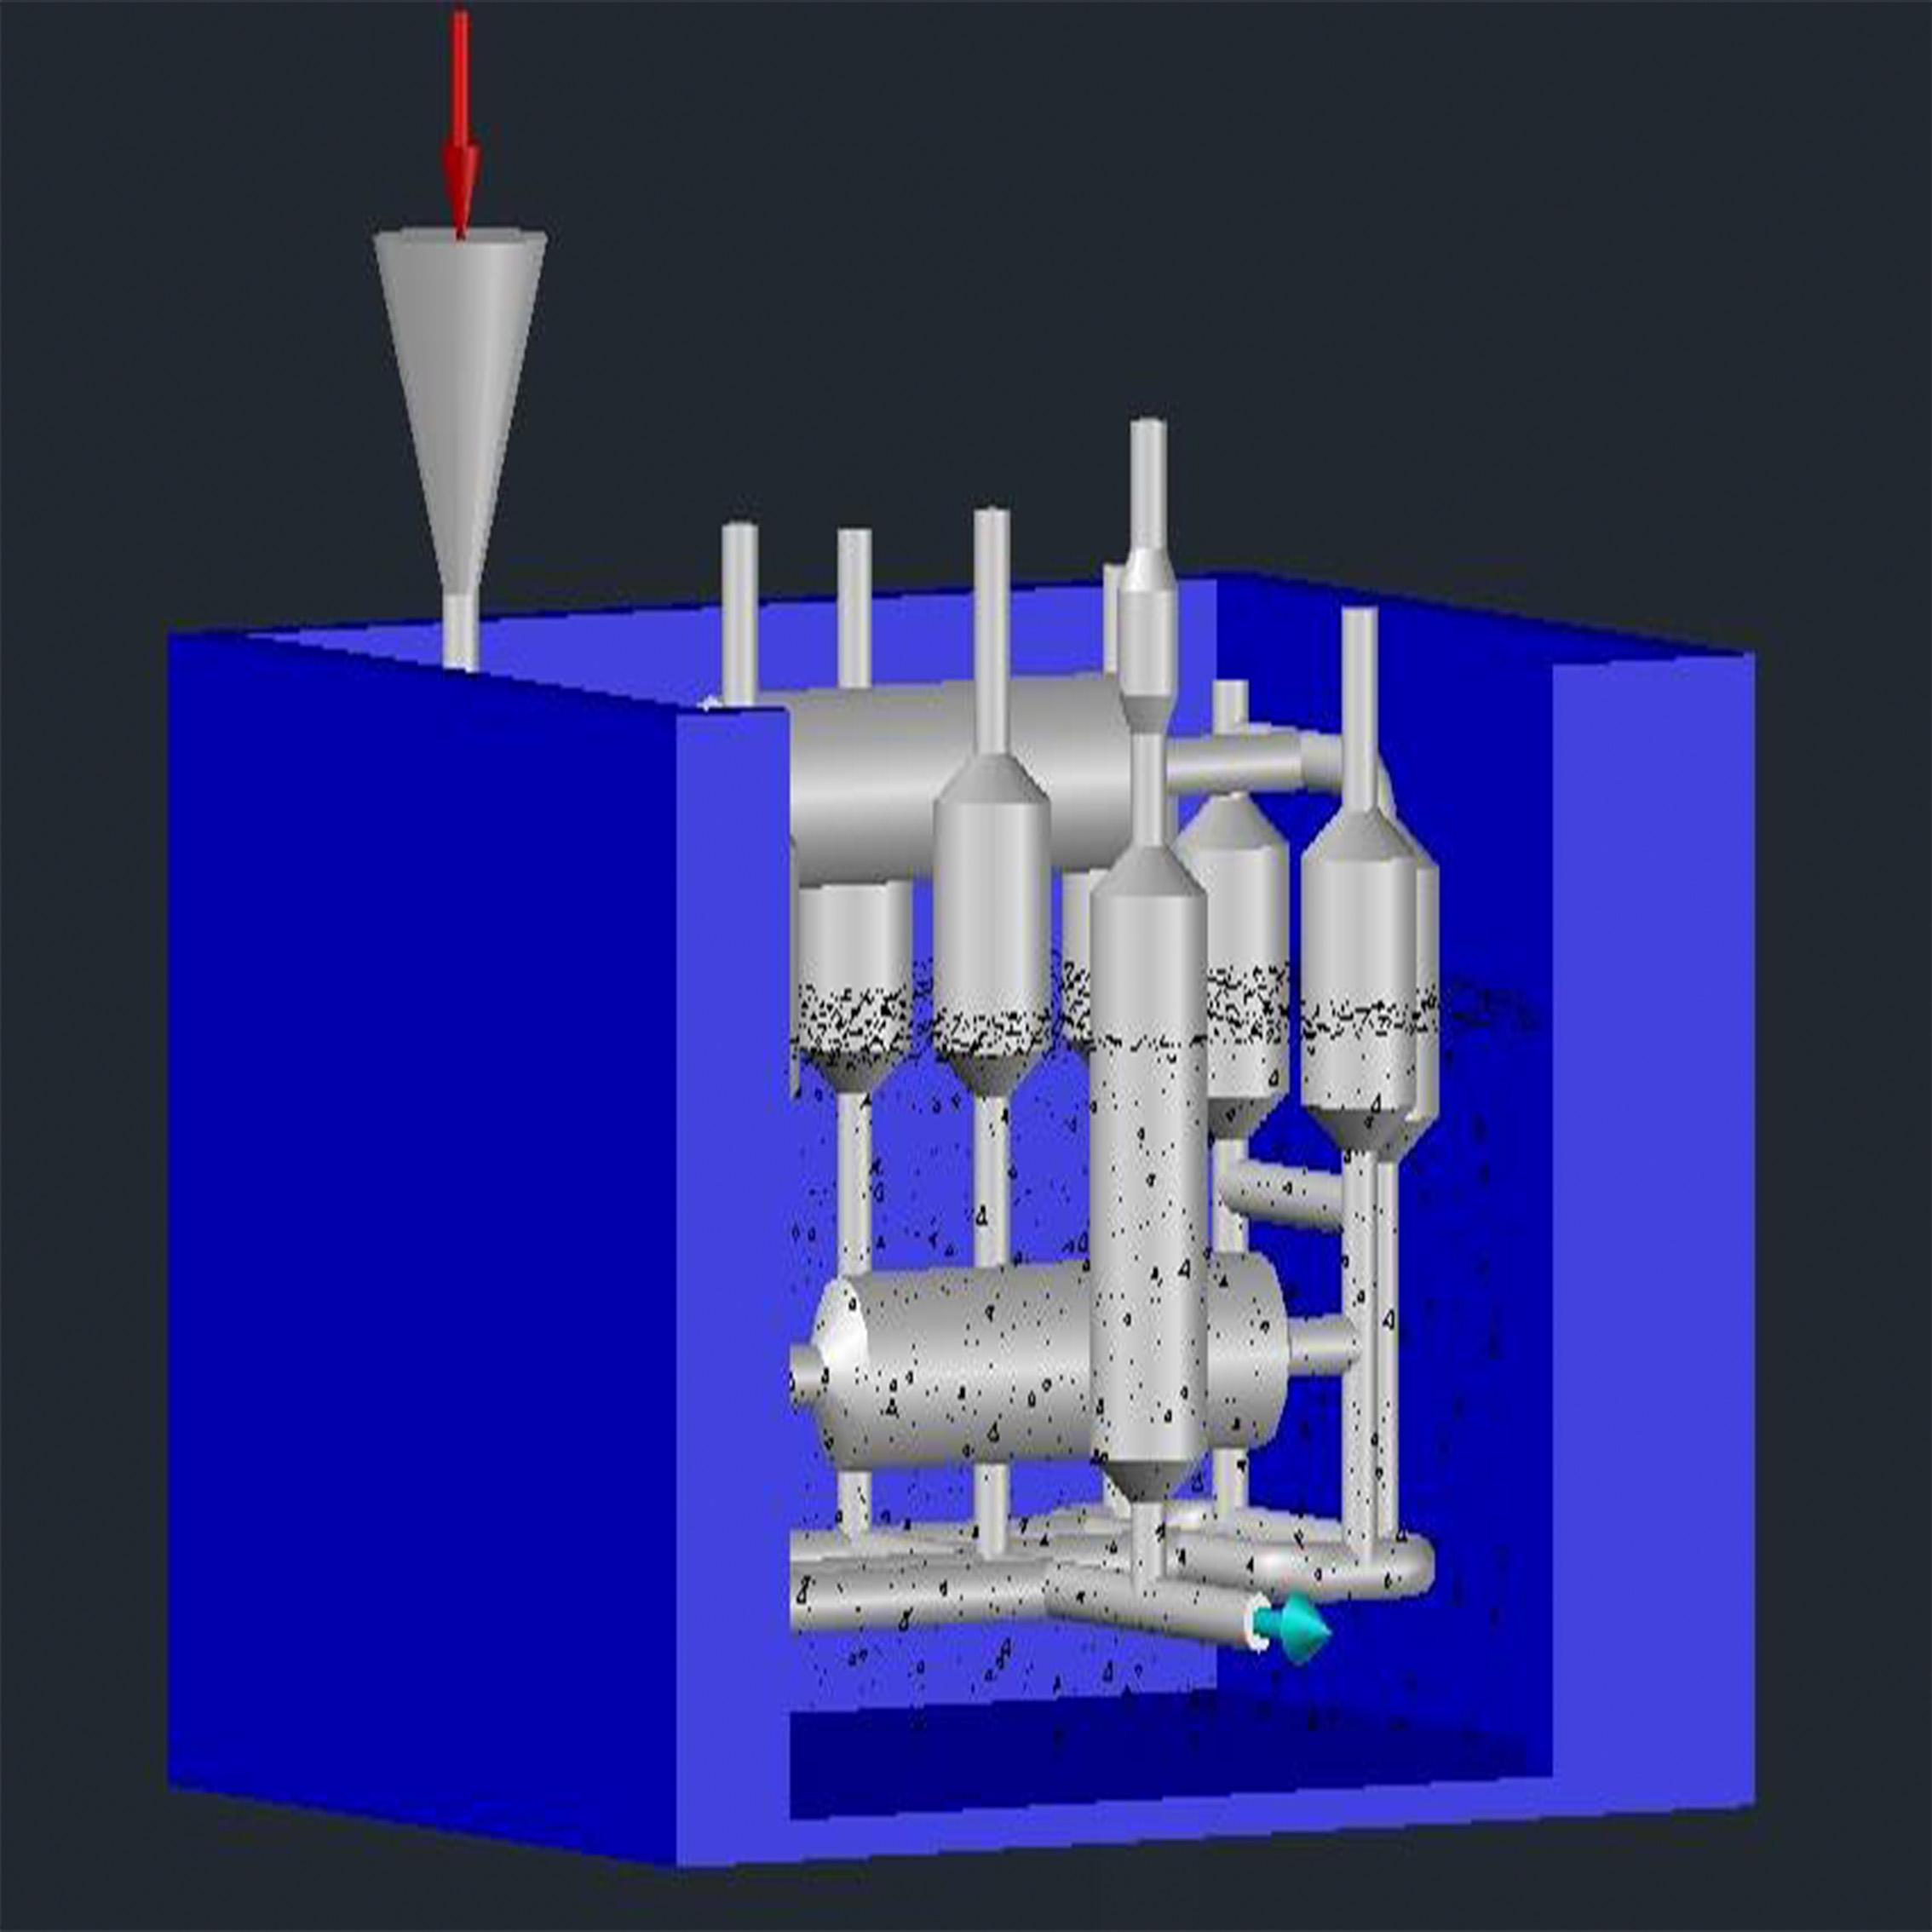 Xử lý nước thải tinh bột khoai mì bằng công nghệ hiện đại MET